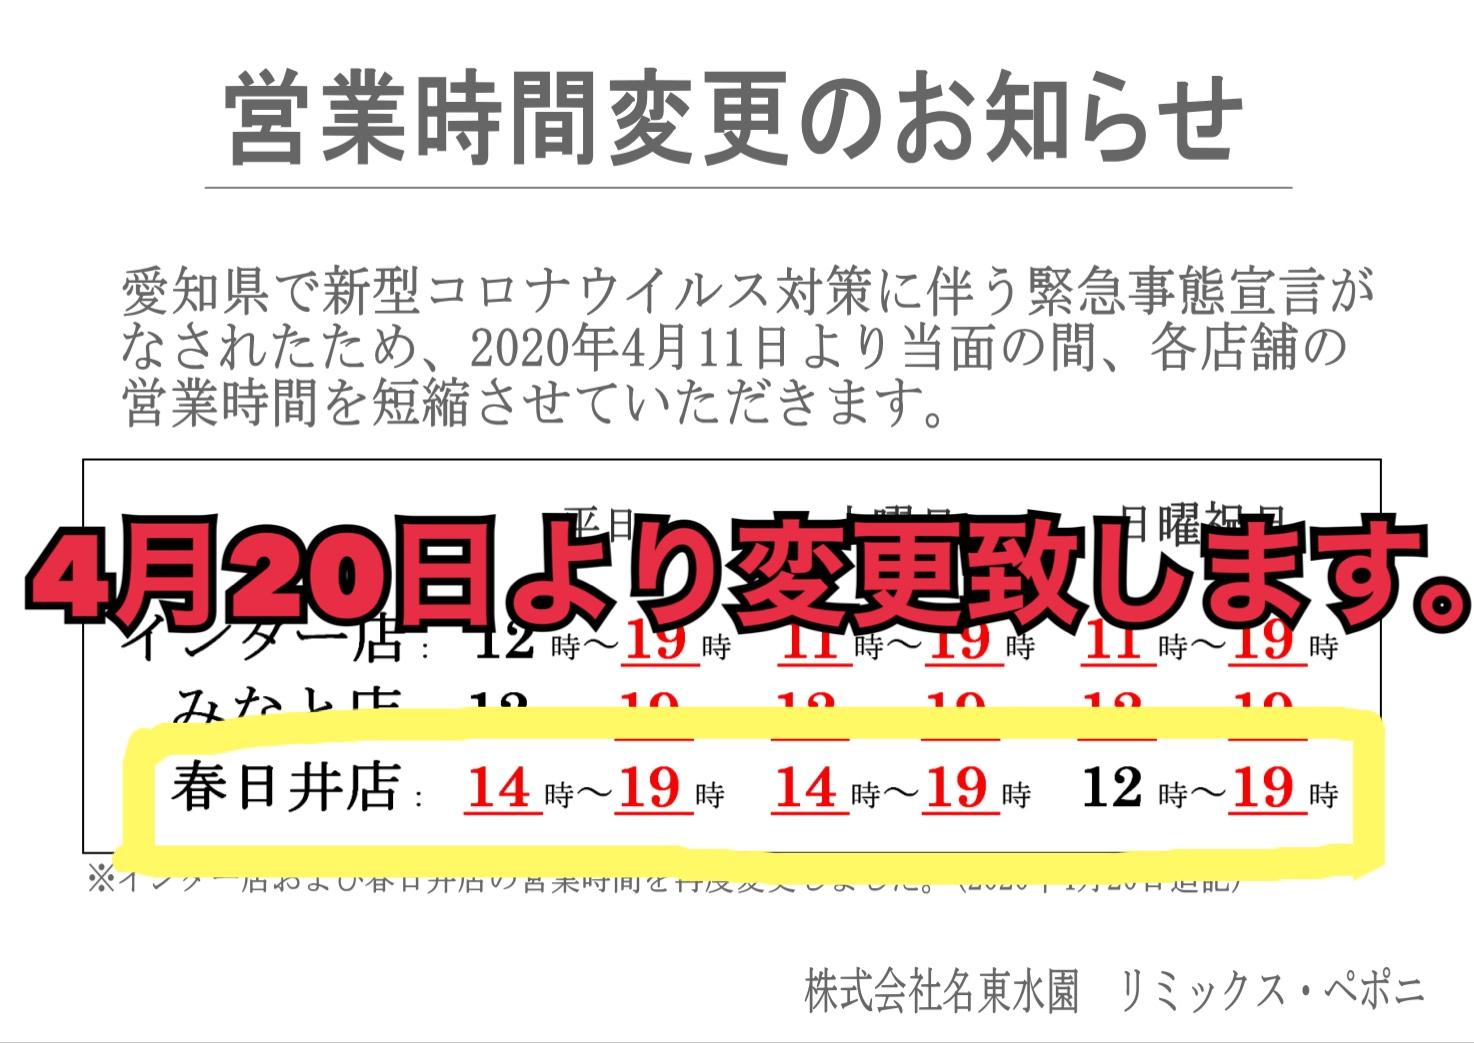 【春ペポニ】春日井店・営業時間短縮のお知らせ